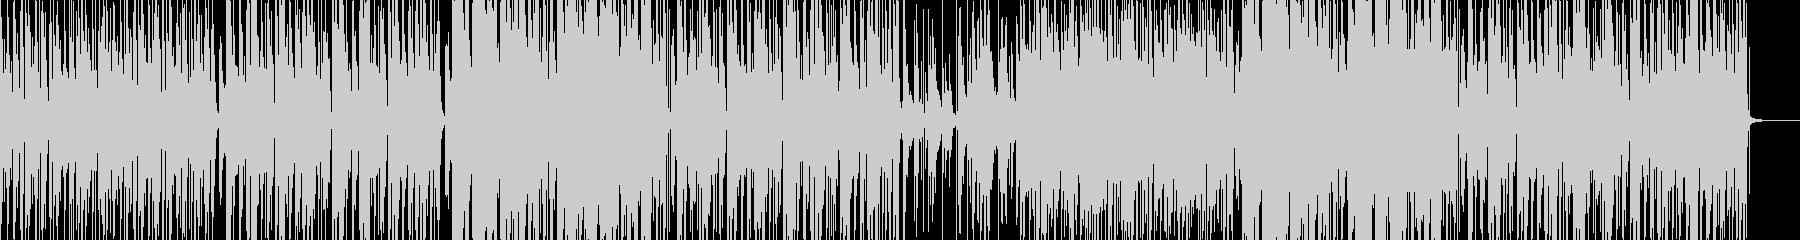 ピアノとエレキと笛のインフォグラフィックの未再生の波形